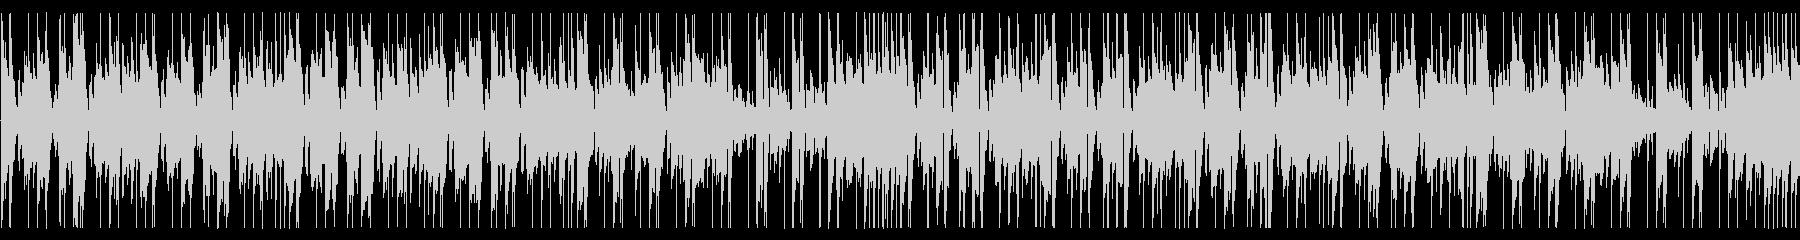 パズルゲームに合うシンセポップの未再生の波形